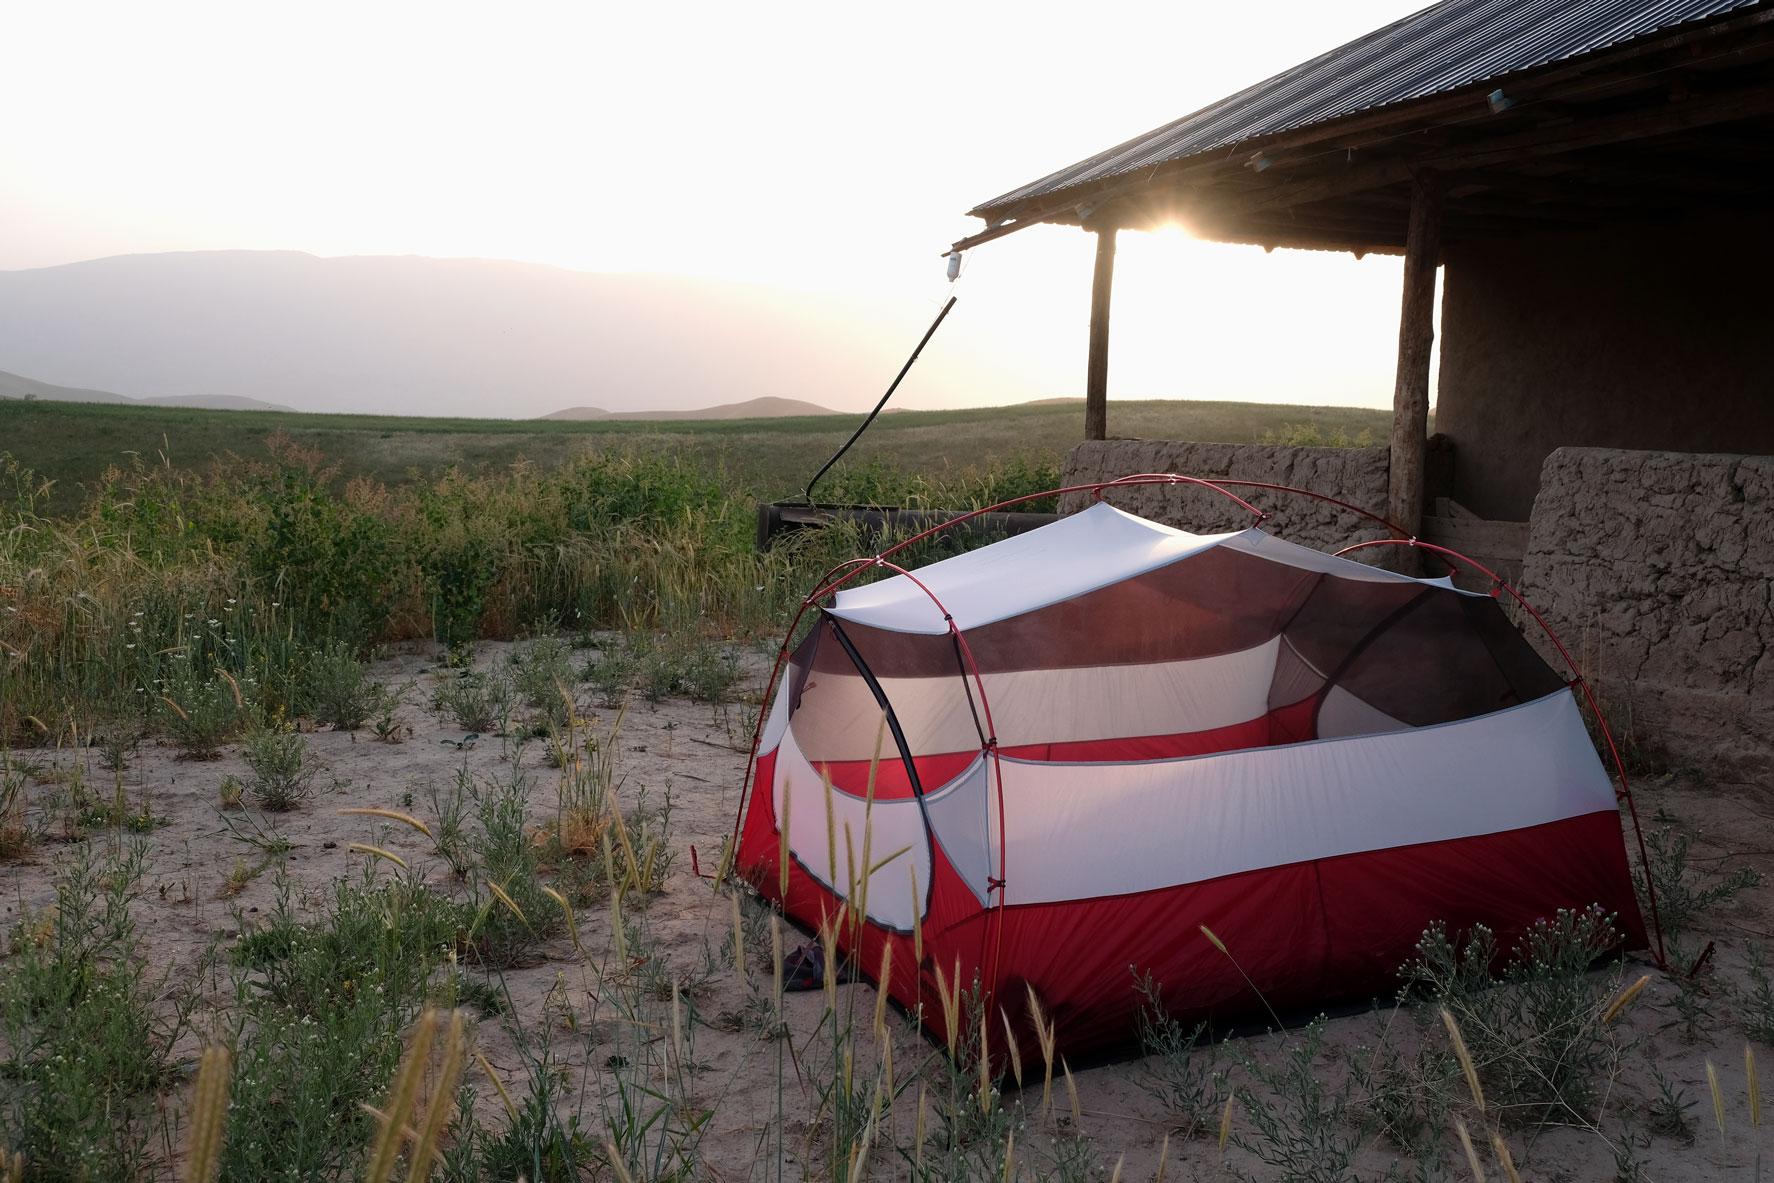 Unser erste Nacht auf dem Pamir Highway verbringen wir im Zelt. Dank Gewitter müssen wir nachts leider noch schnell das Überzelt montieren.